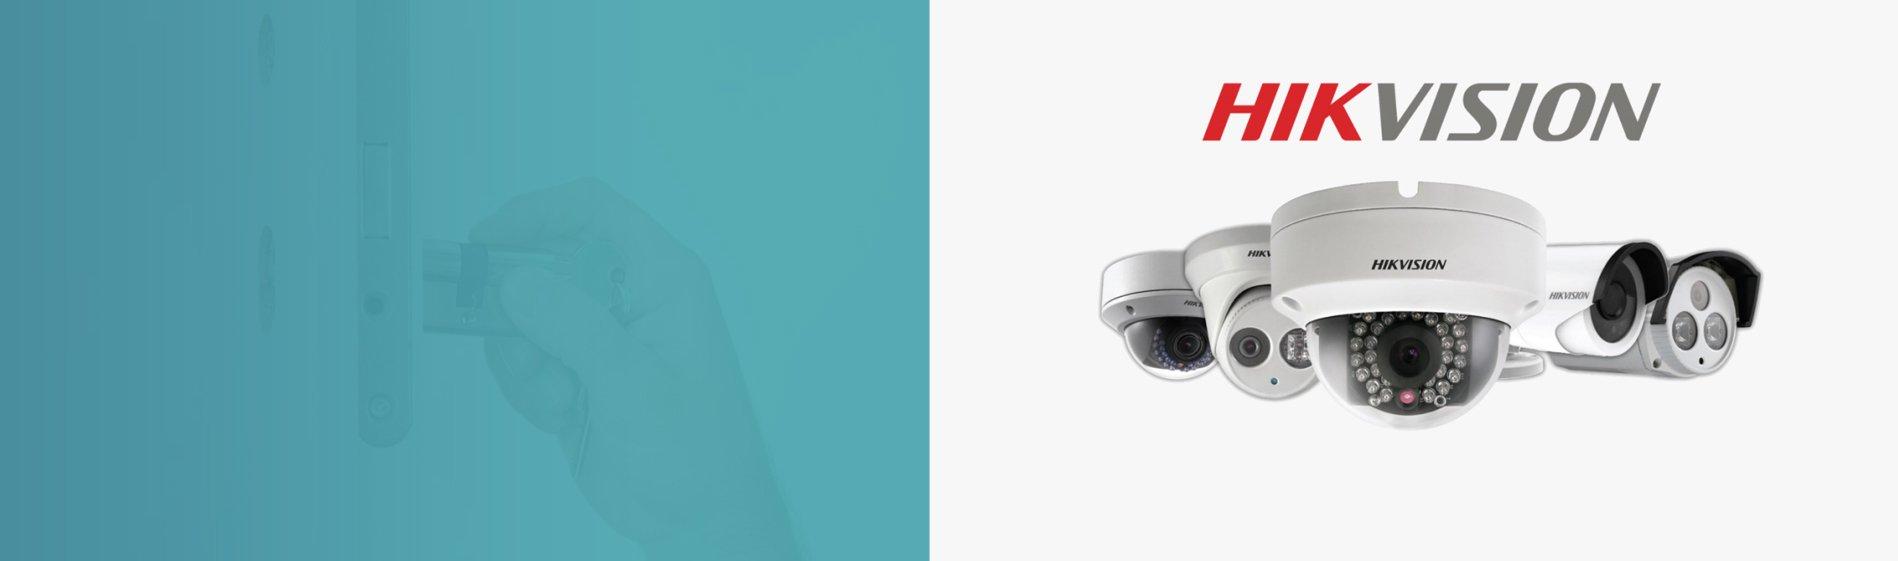 3-cctv-cameras